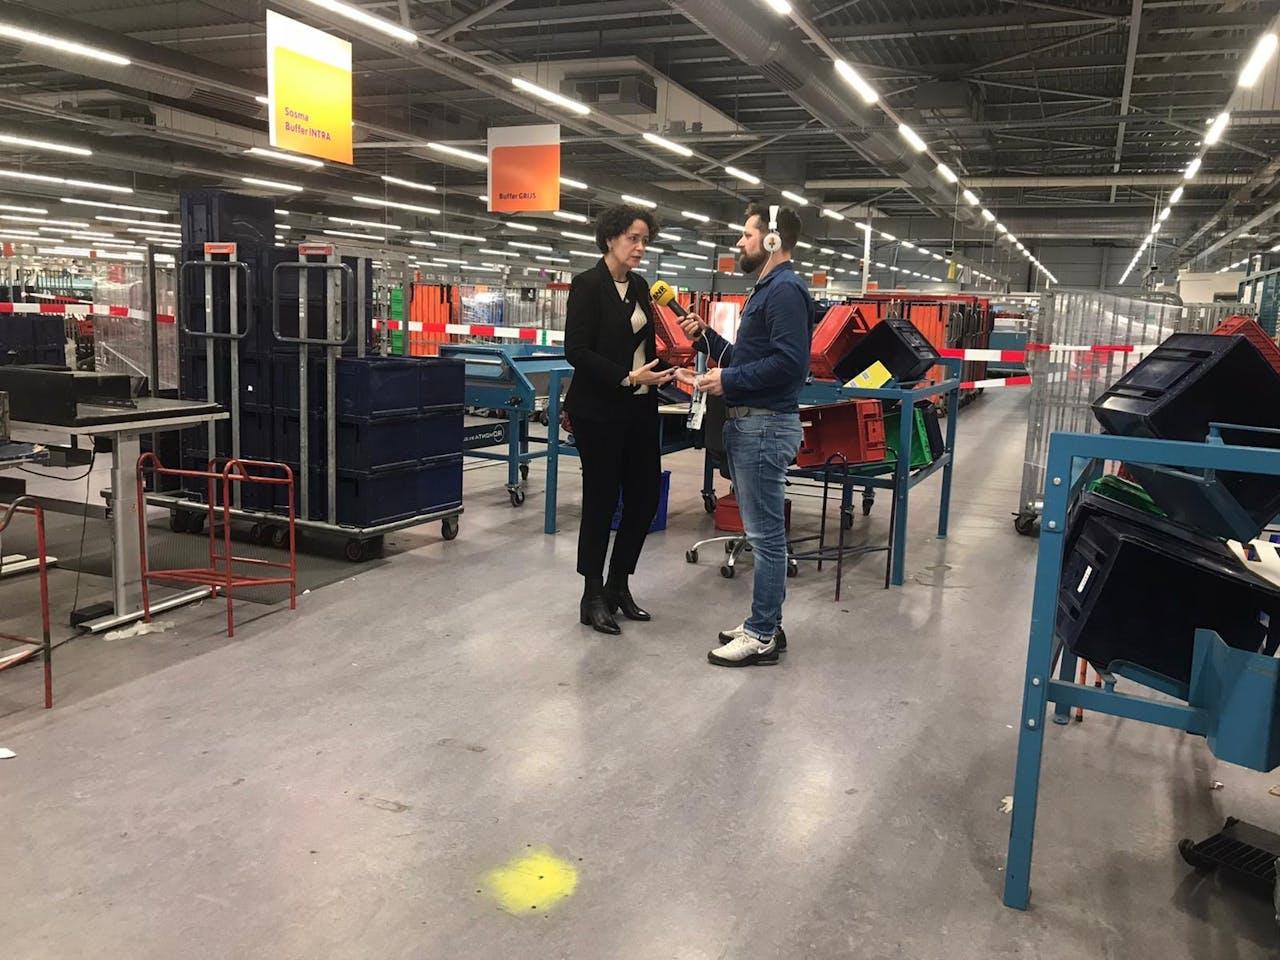 Verslaggever Harmen van der Veen spreekt met PostNL-directeur Resi Becker